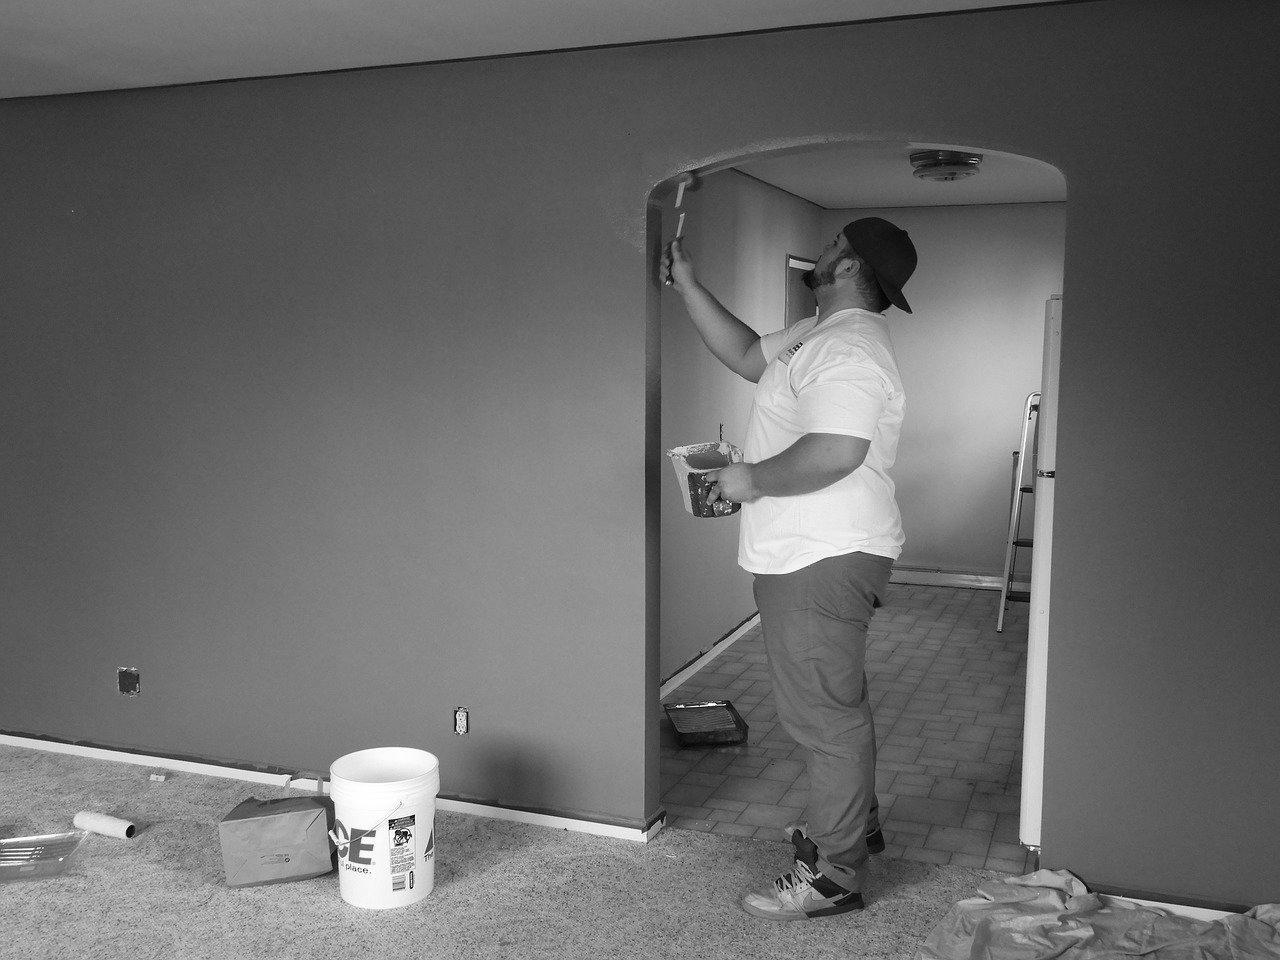 Rénover une maison à Yutz 57970 | Entreprises de rénovation